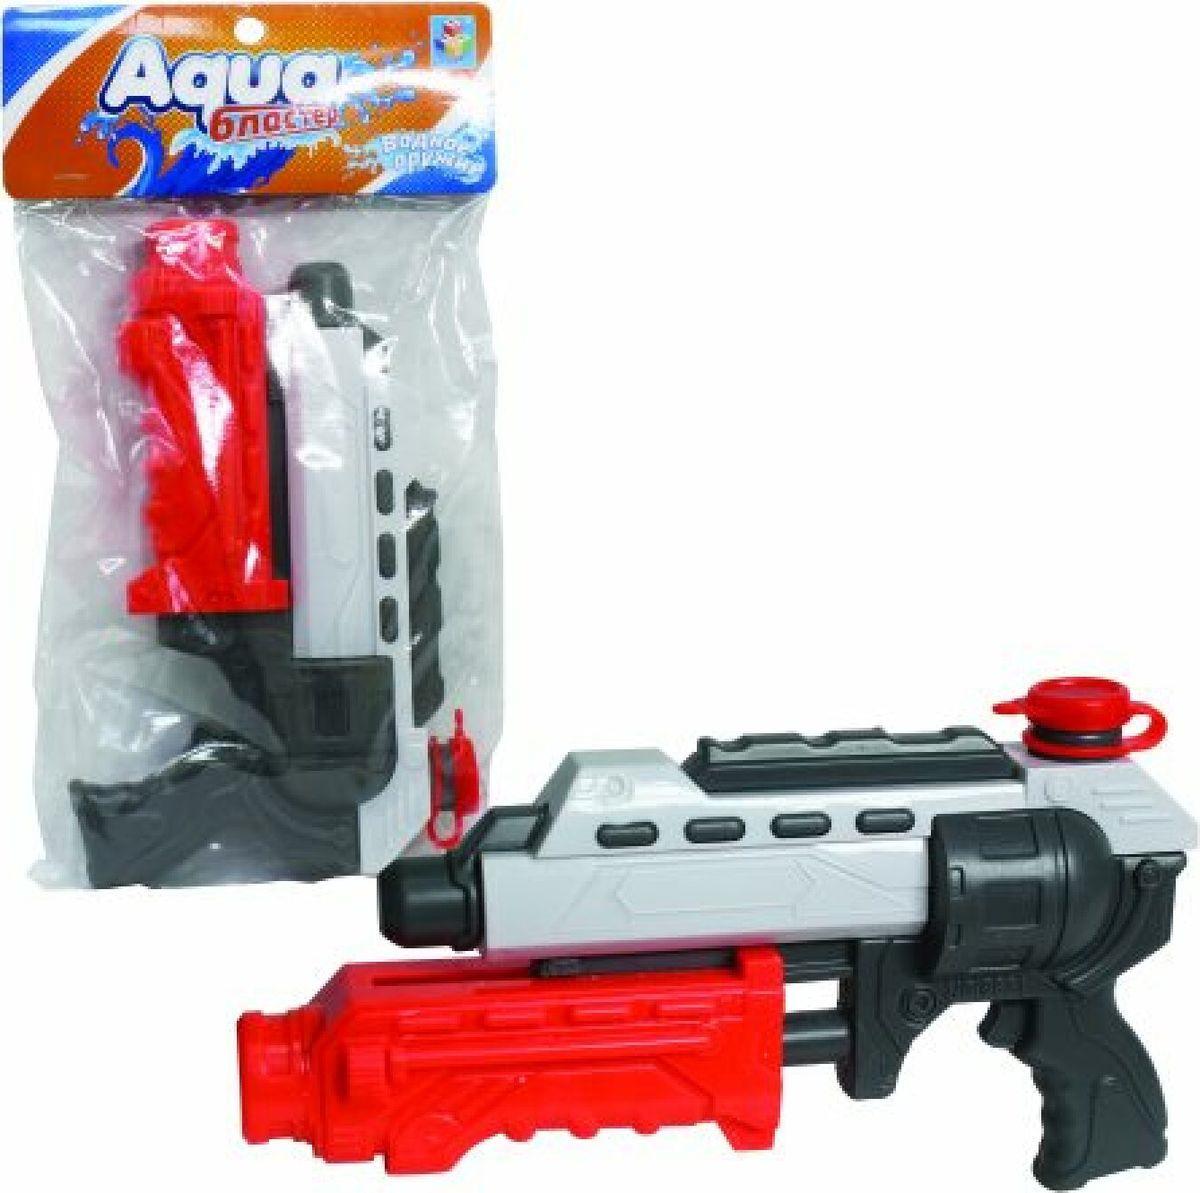 Игрушечное оружие 1TOY Аквамания Водяной пистолет, помповый, Т59454, 32 см